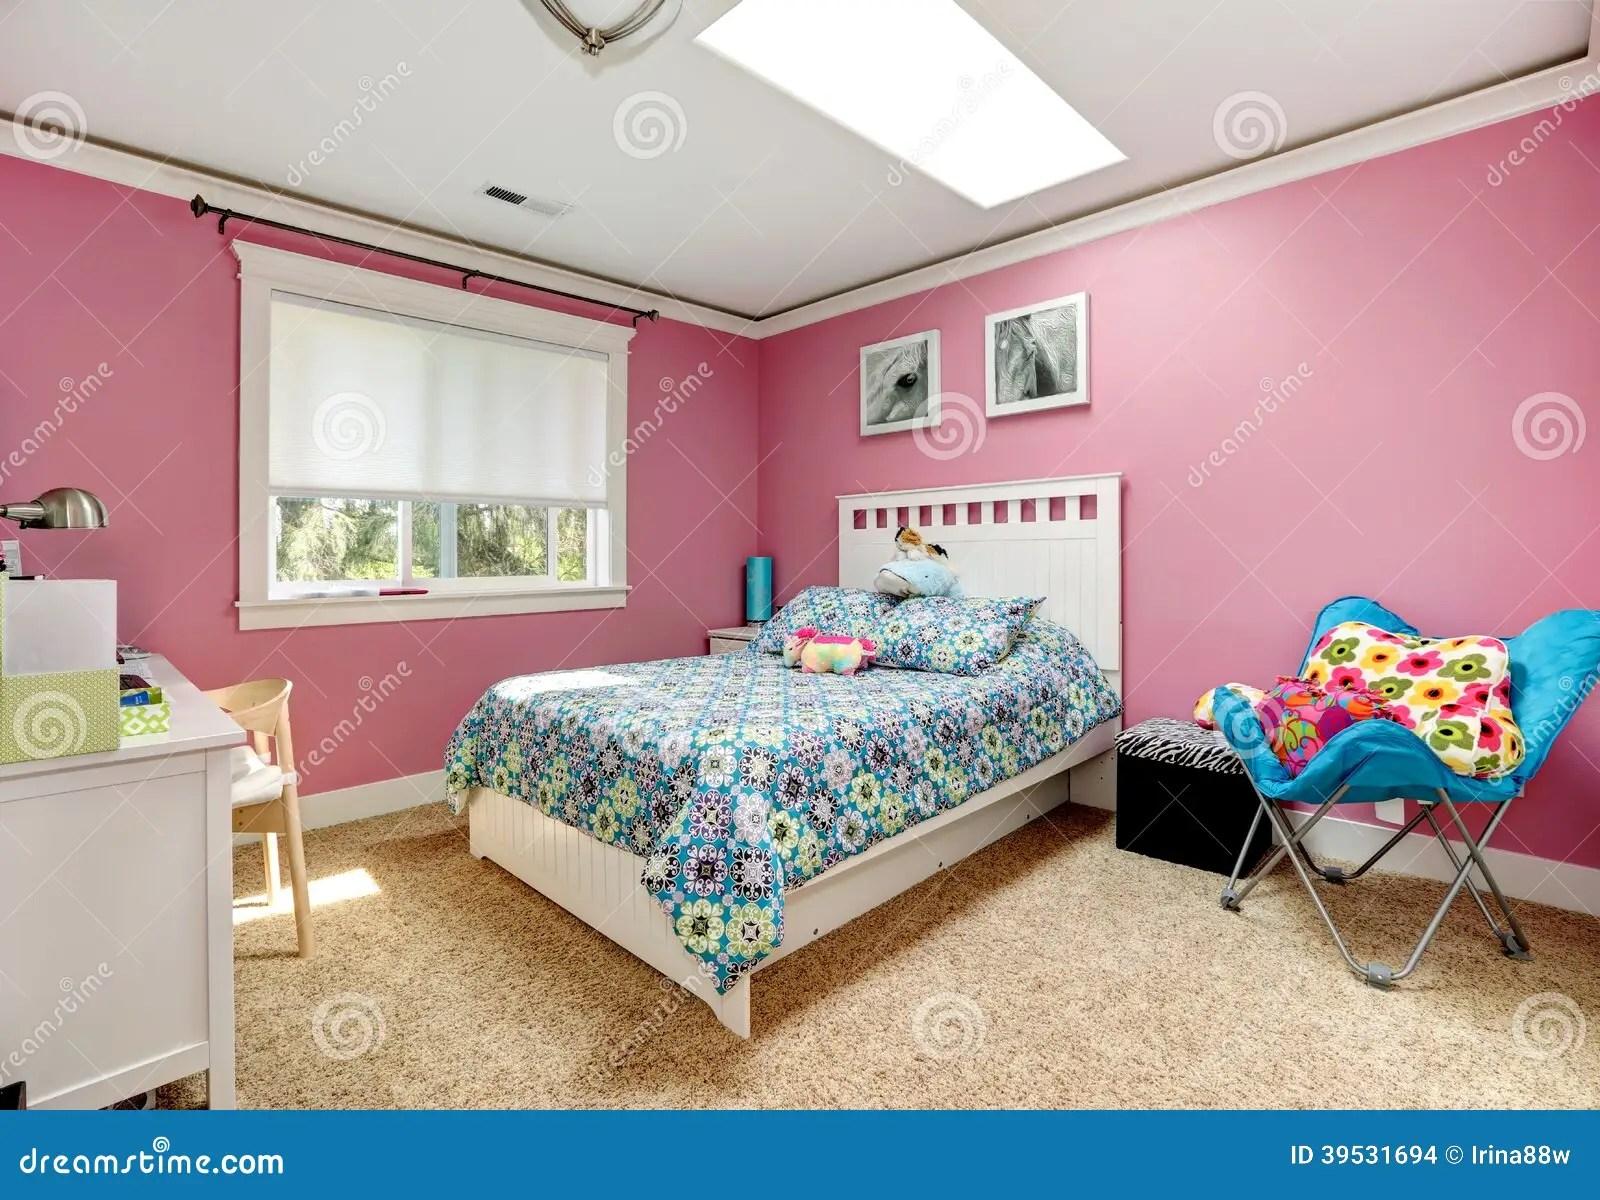 Camera Letto Rosa : Camere da letto ragazze rosa camera da letto camera da letto